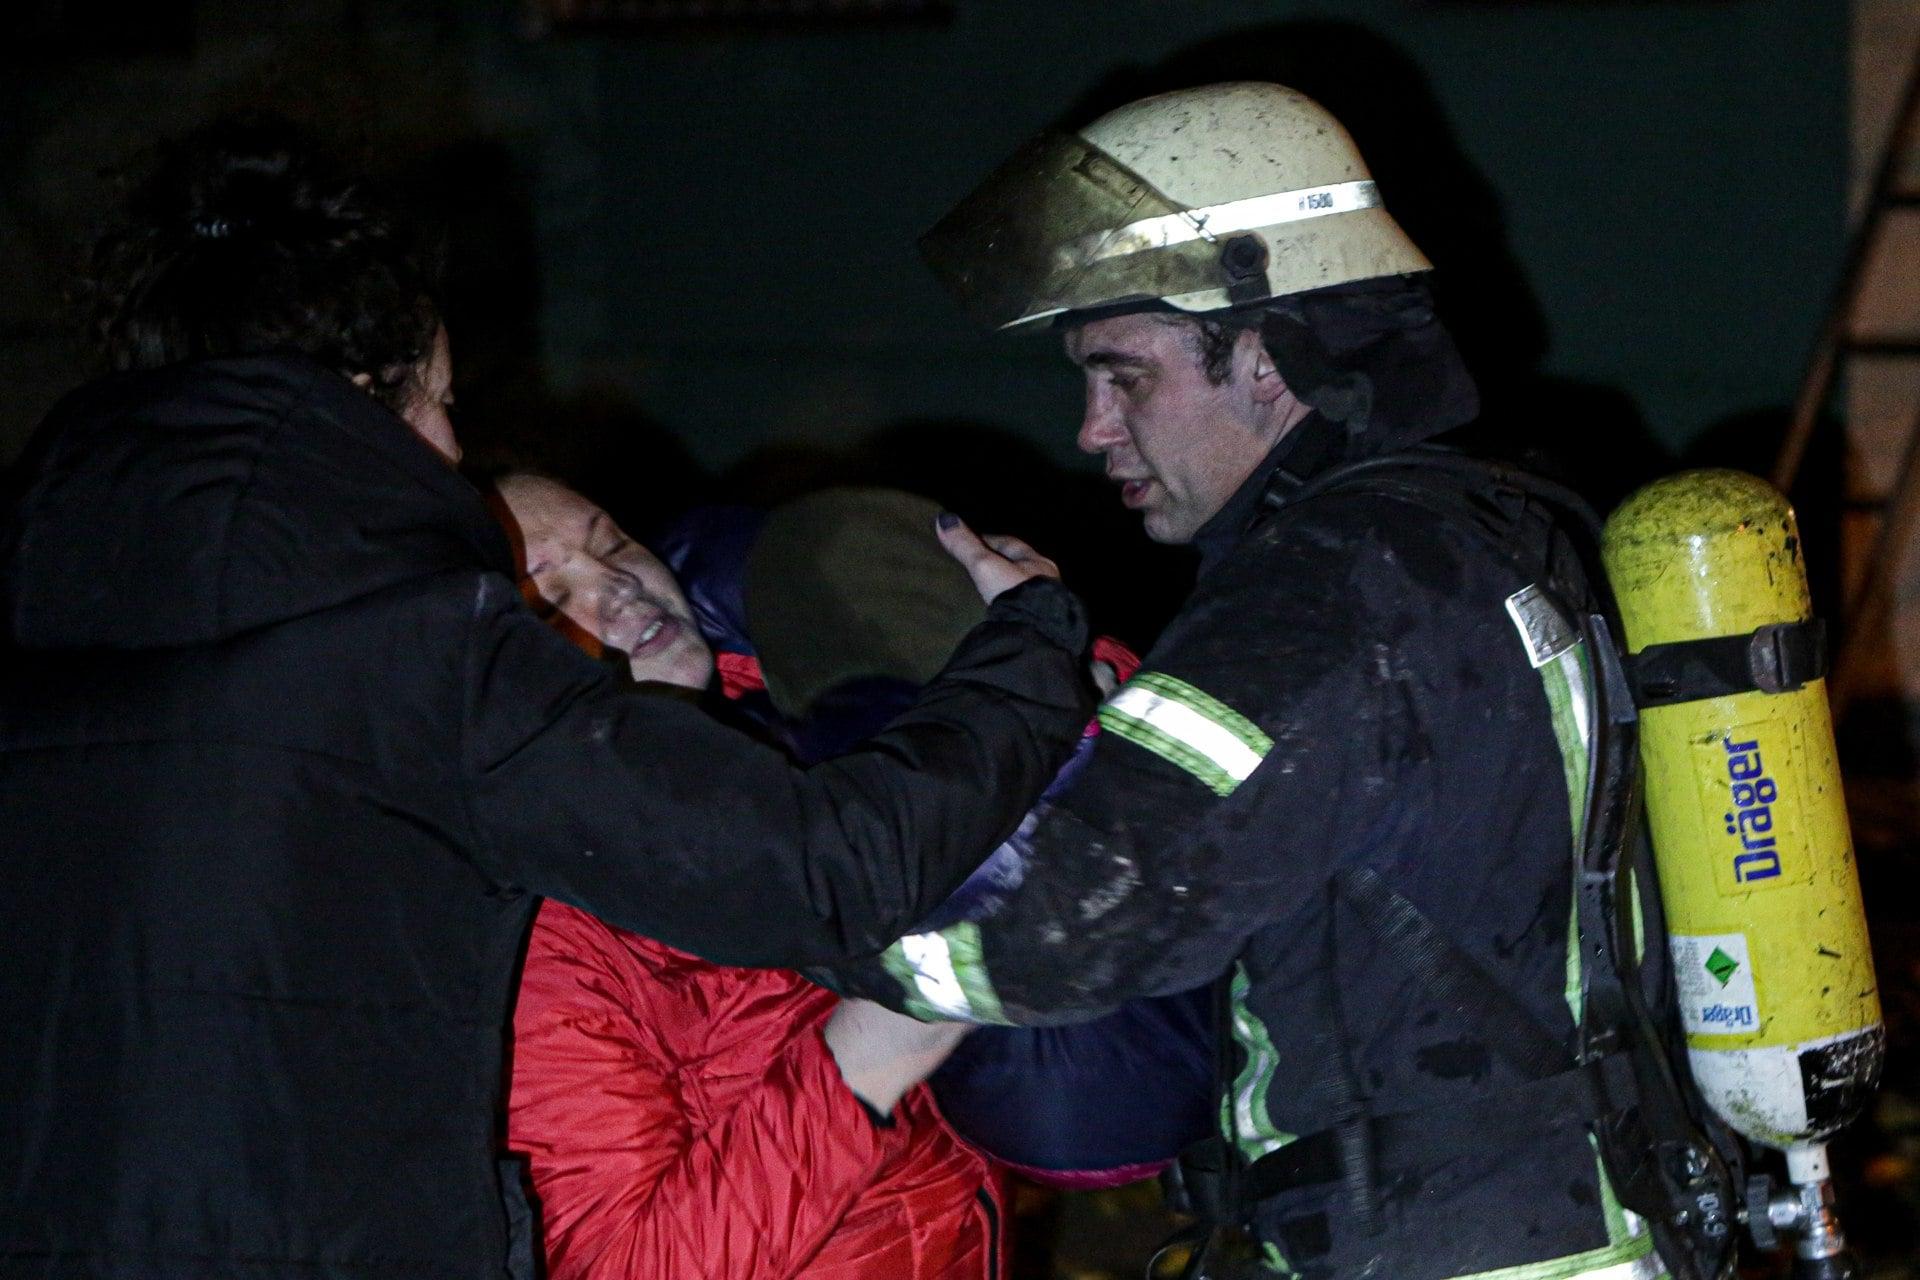 Підпал автошин у багатоповерхівці Києва міг закінчитись трагічно - пожежа - 125936231 3491293910950526 262571549254496822 o